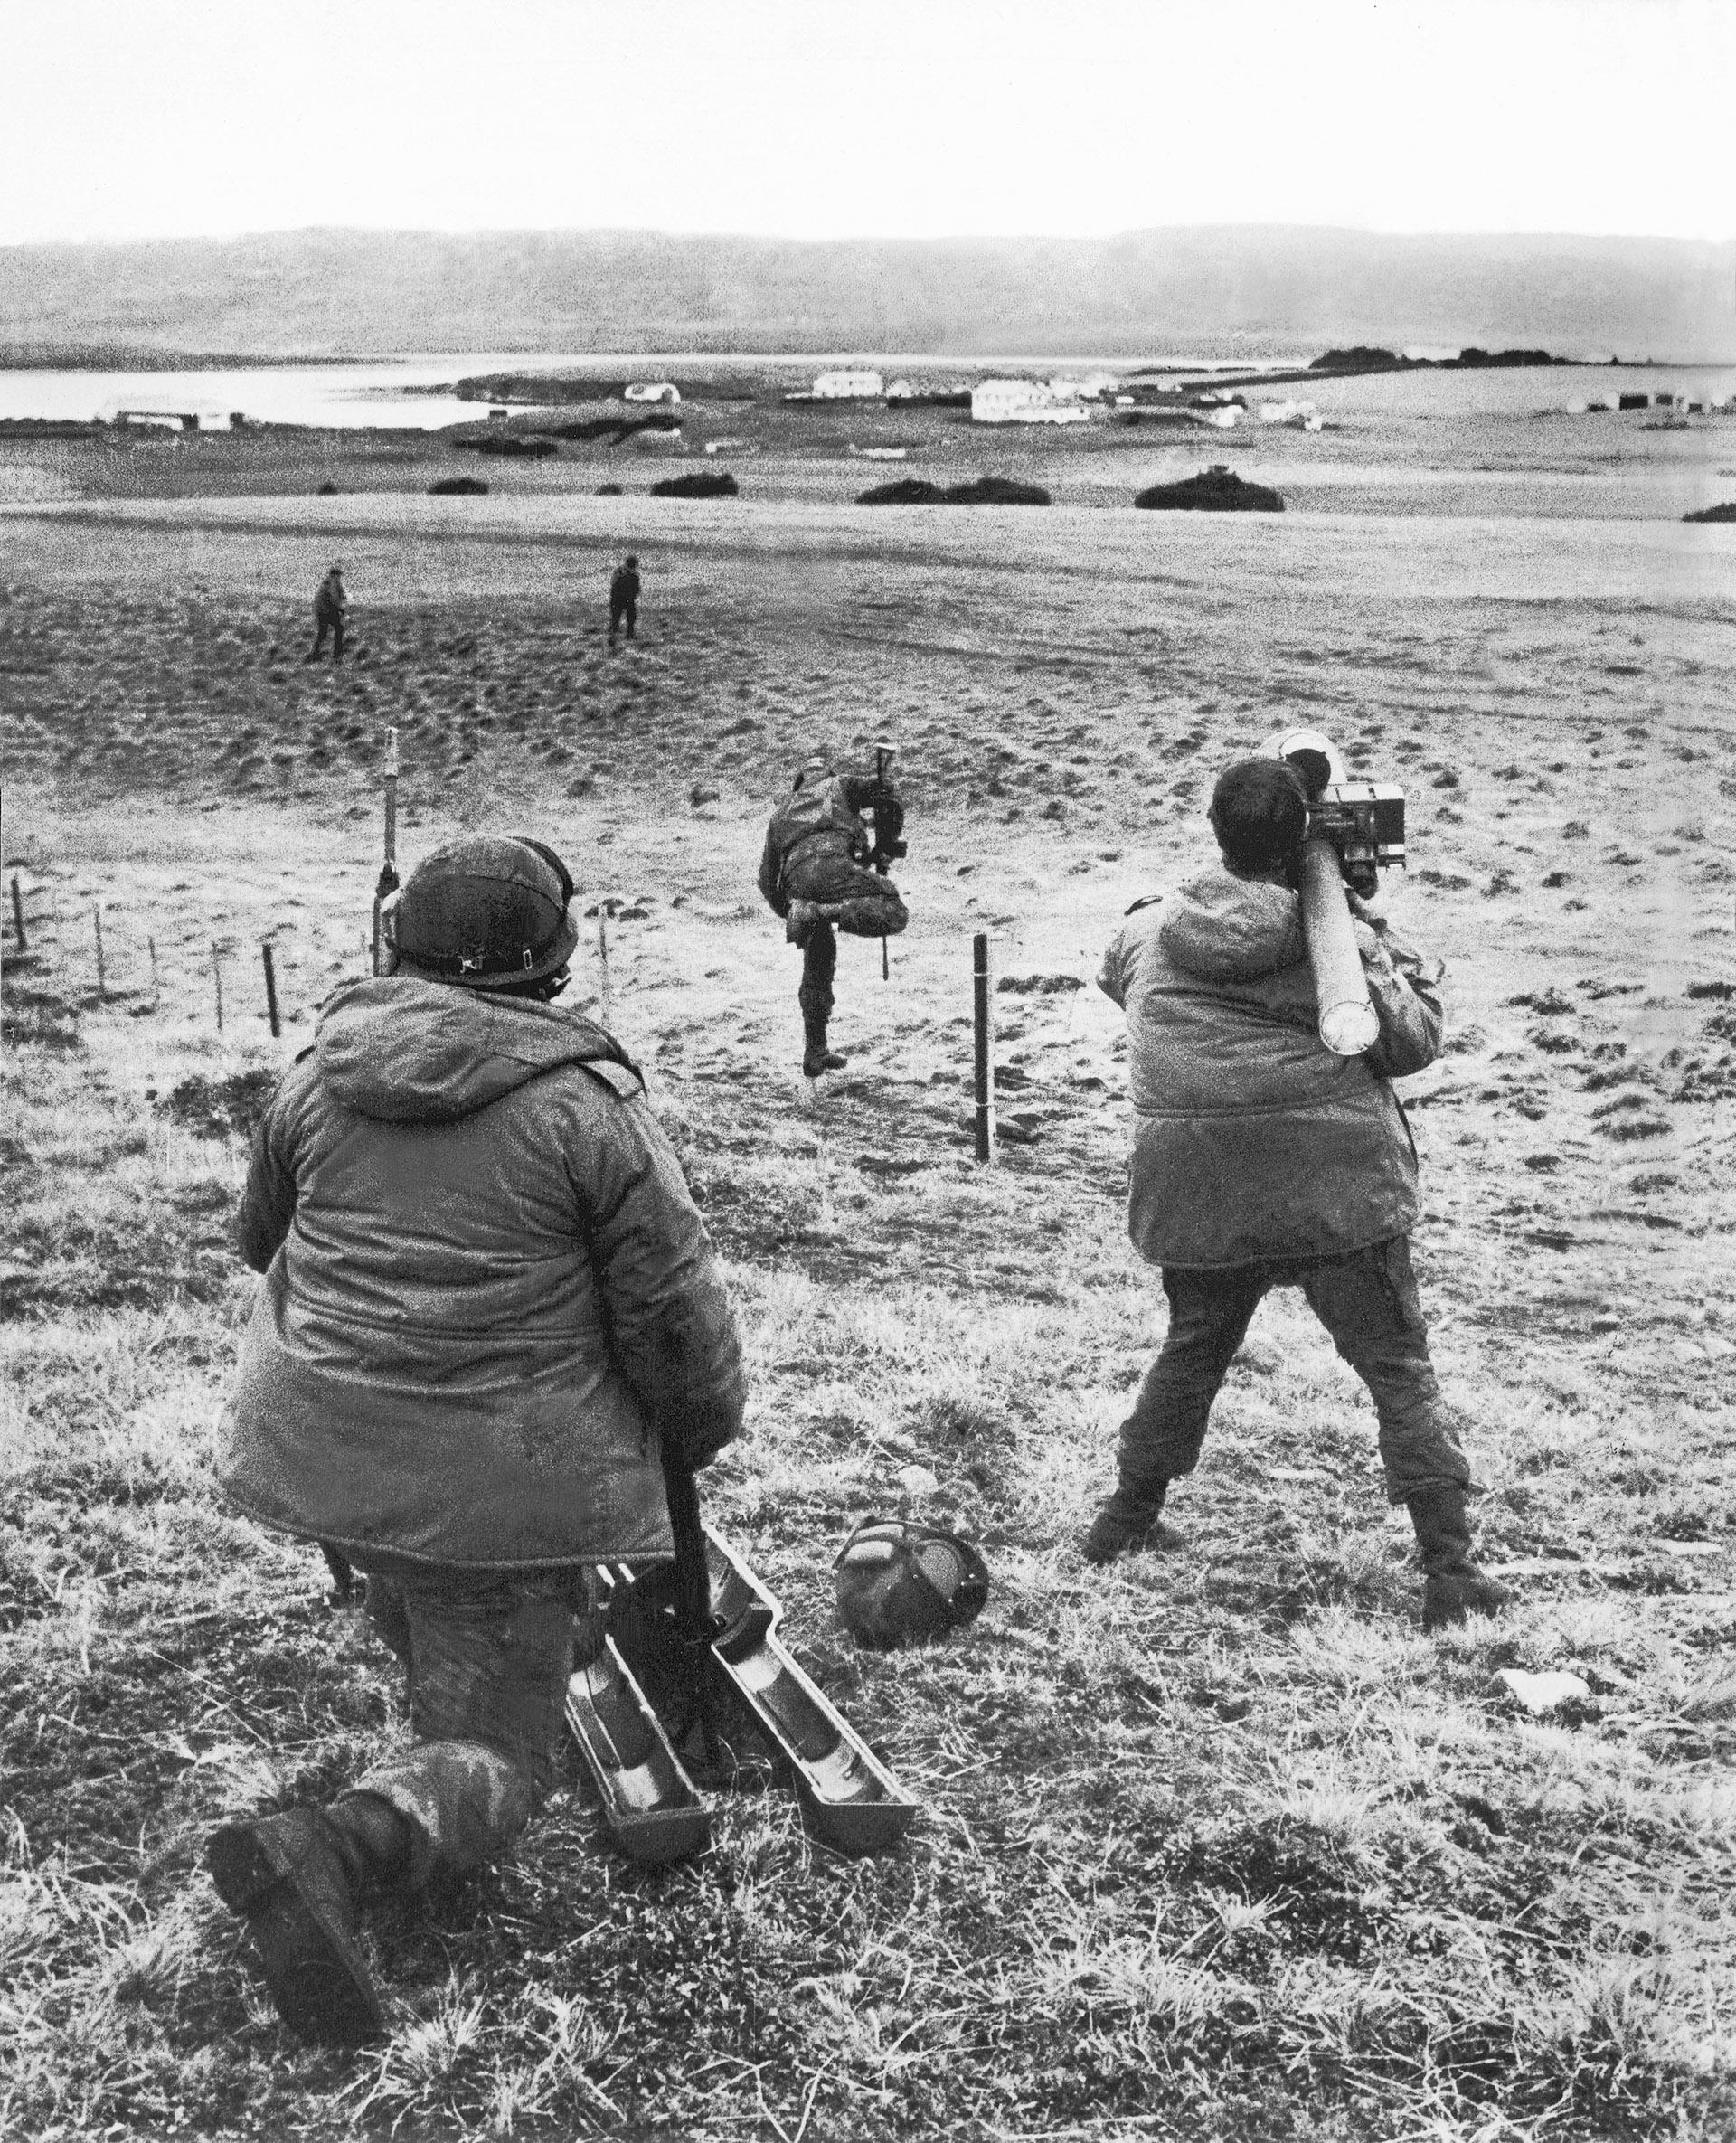 El estrecho de San Carlos es pura desolación, sólo interrumpida por las incursiones aéreas británicas. Un comando apunta con el misil Blow Pipe apenas liberado de su carcasa protectoraesperando a su blanco. (Foto: Eduardo Farré)